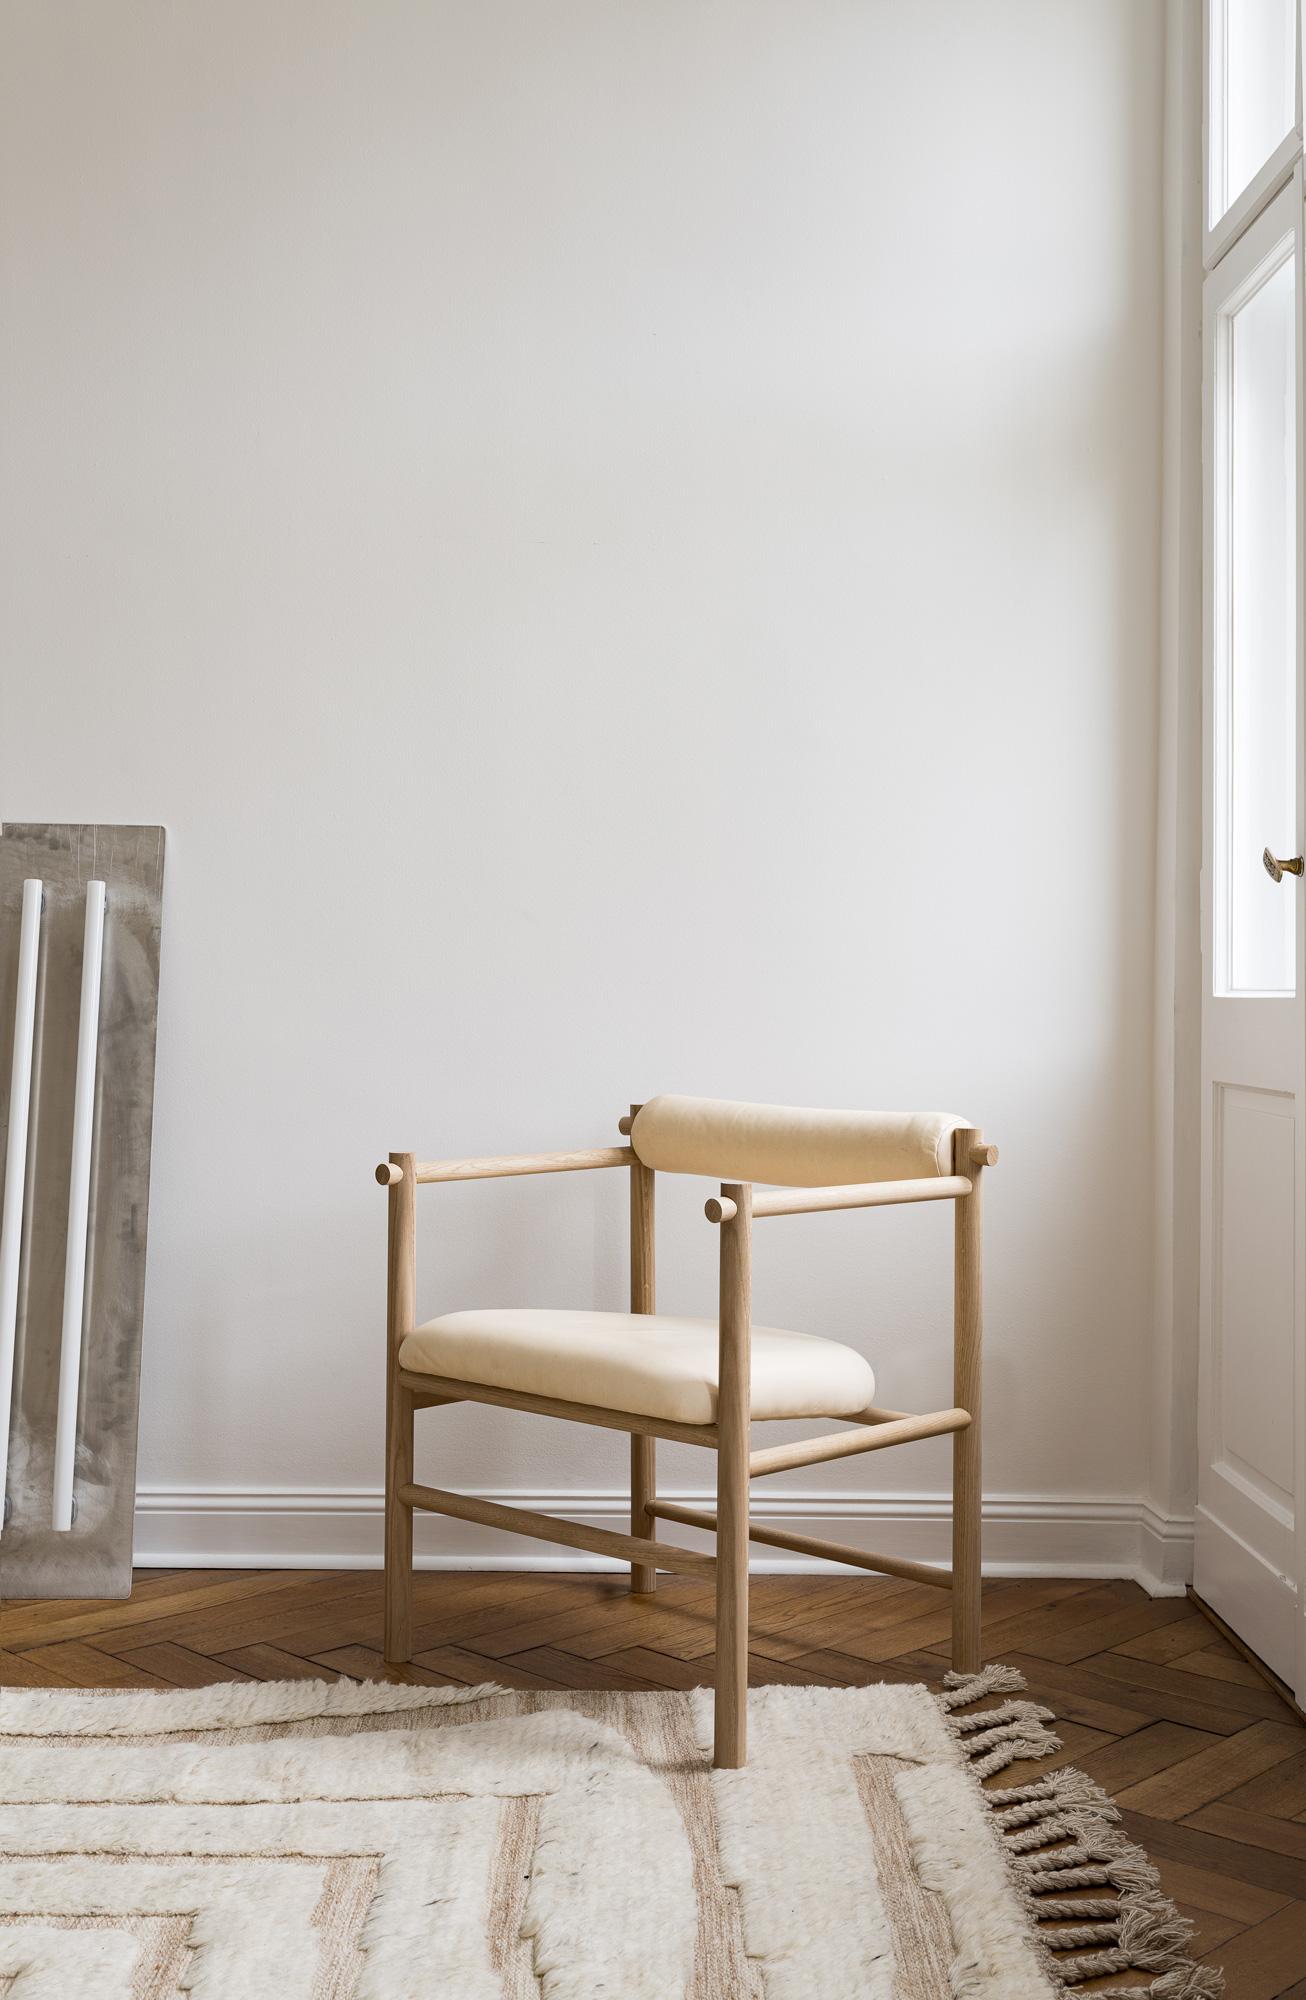 Nachhaltiges, vielseitiges Sitzmöbel von Nutsandwoods